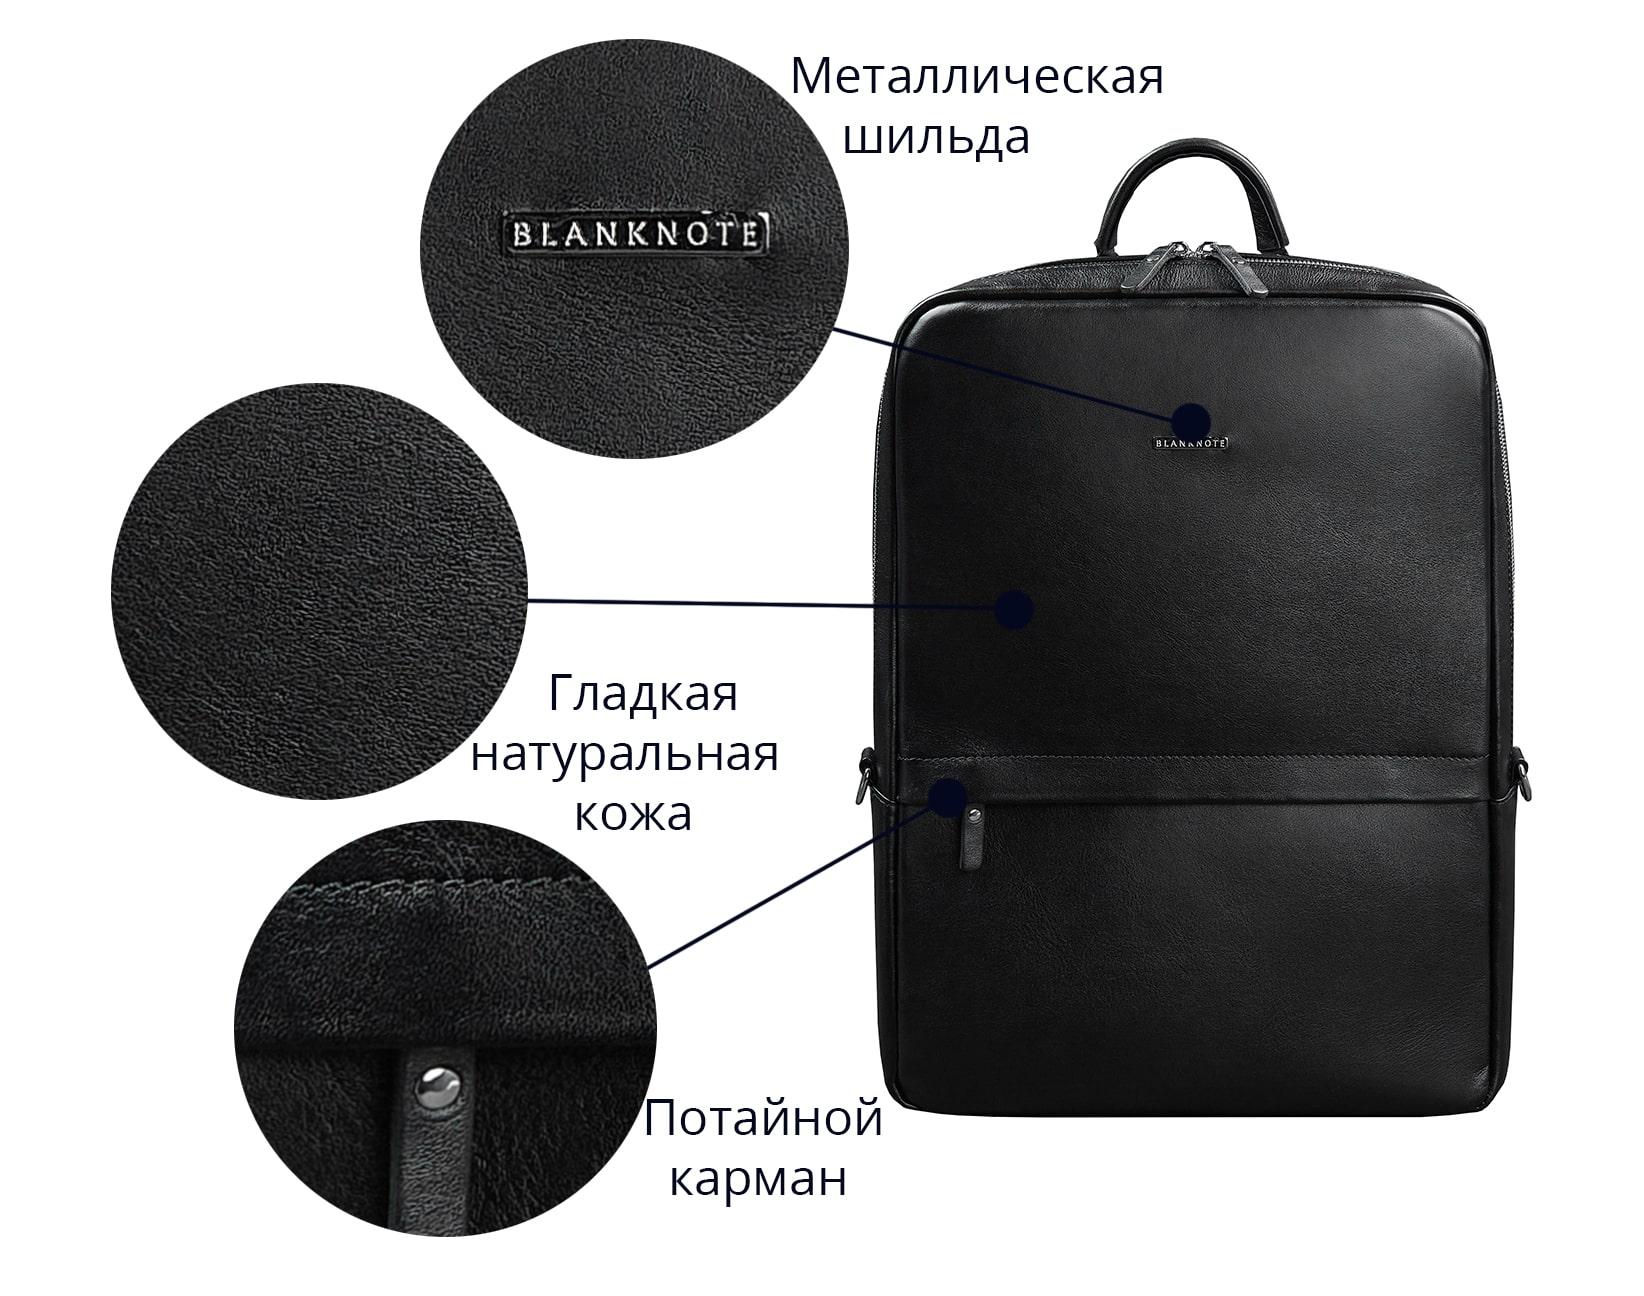 кожаный рюкзак для мужчины